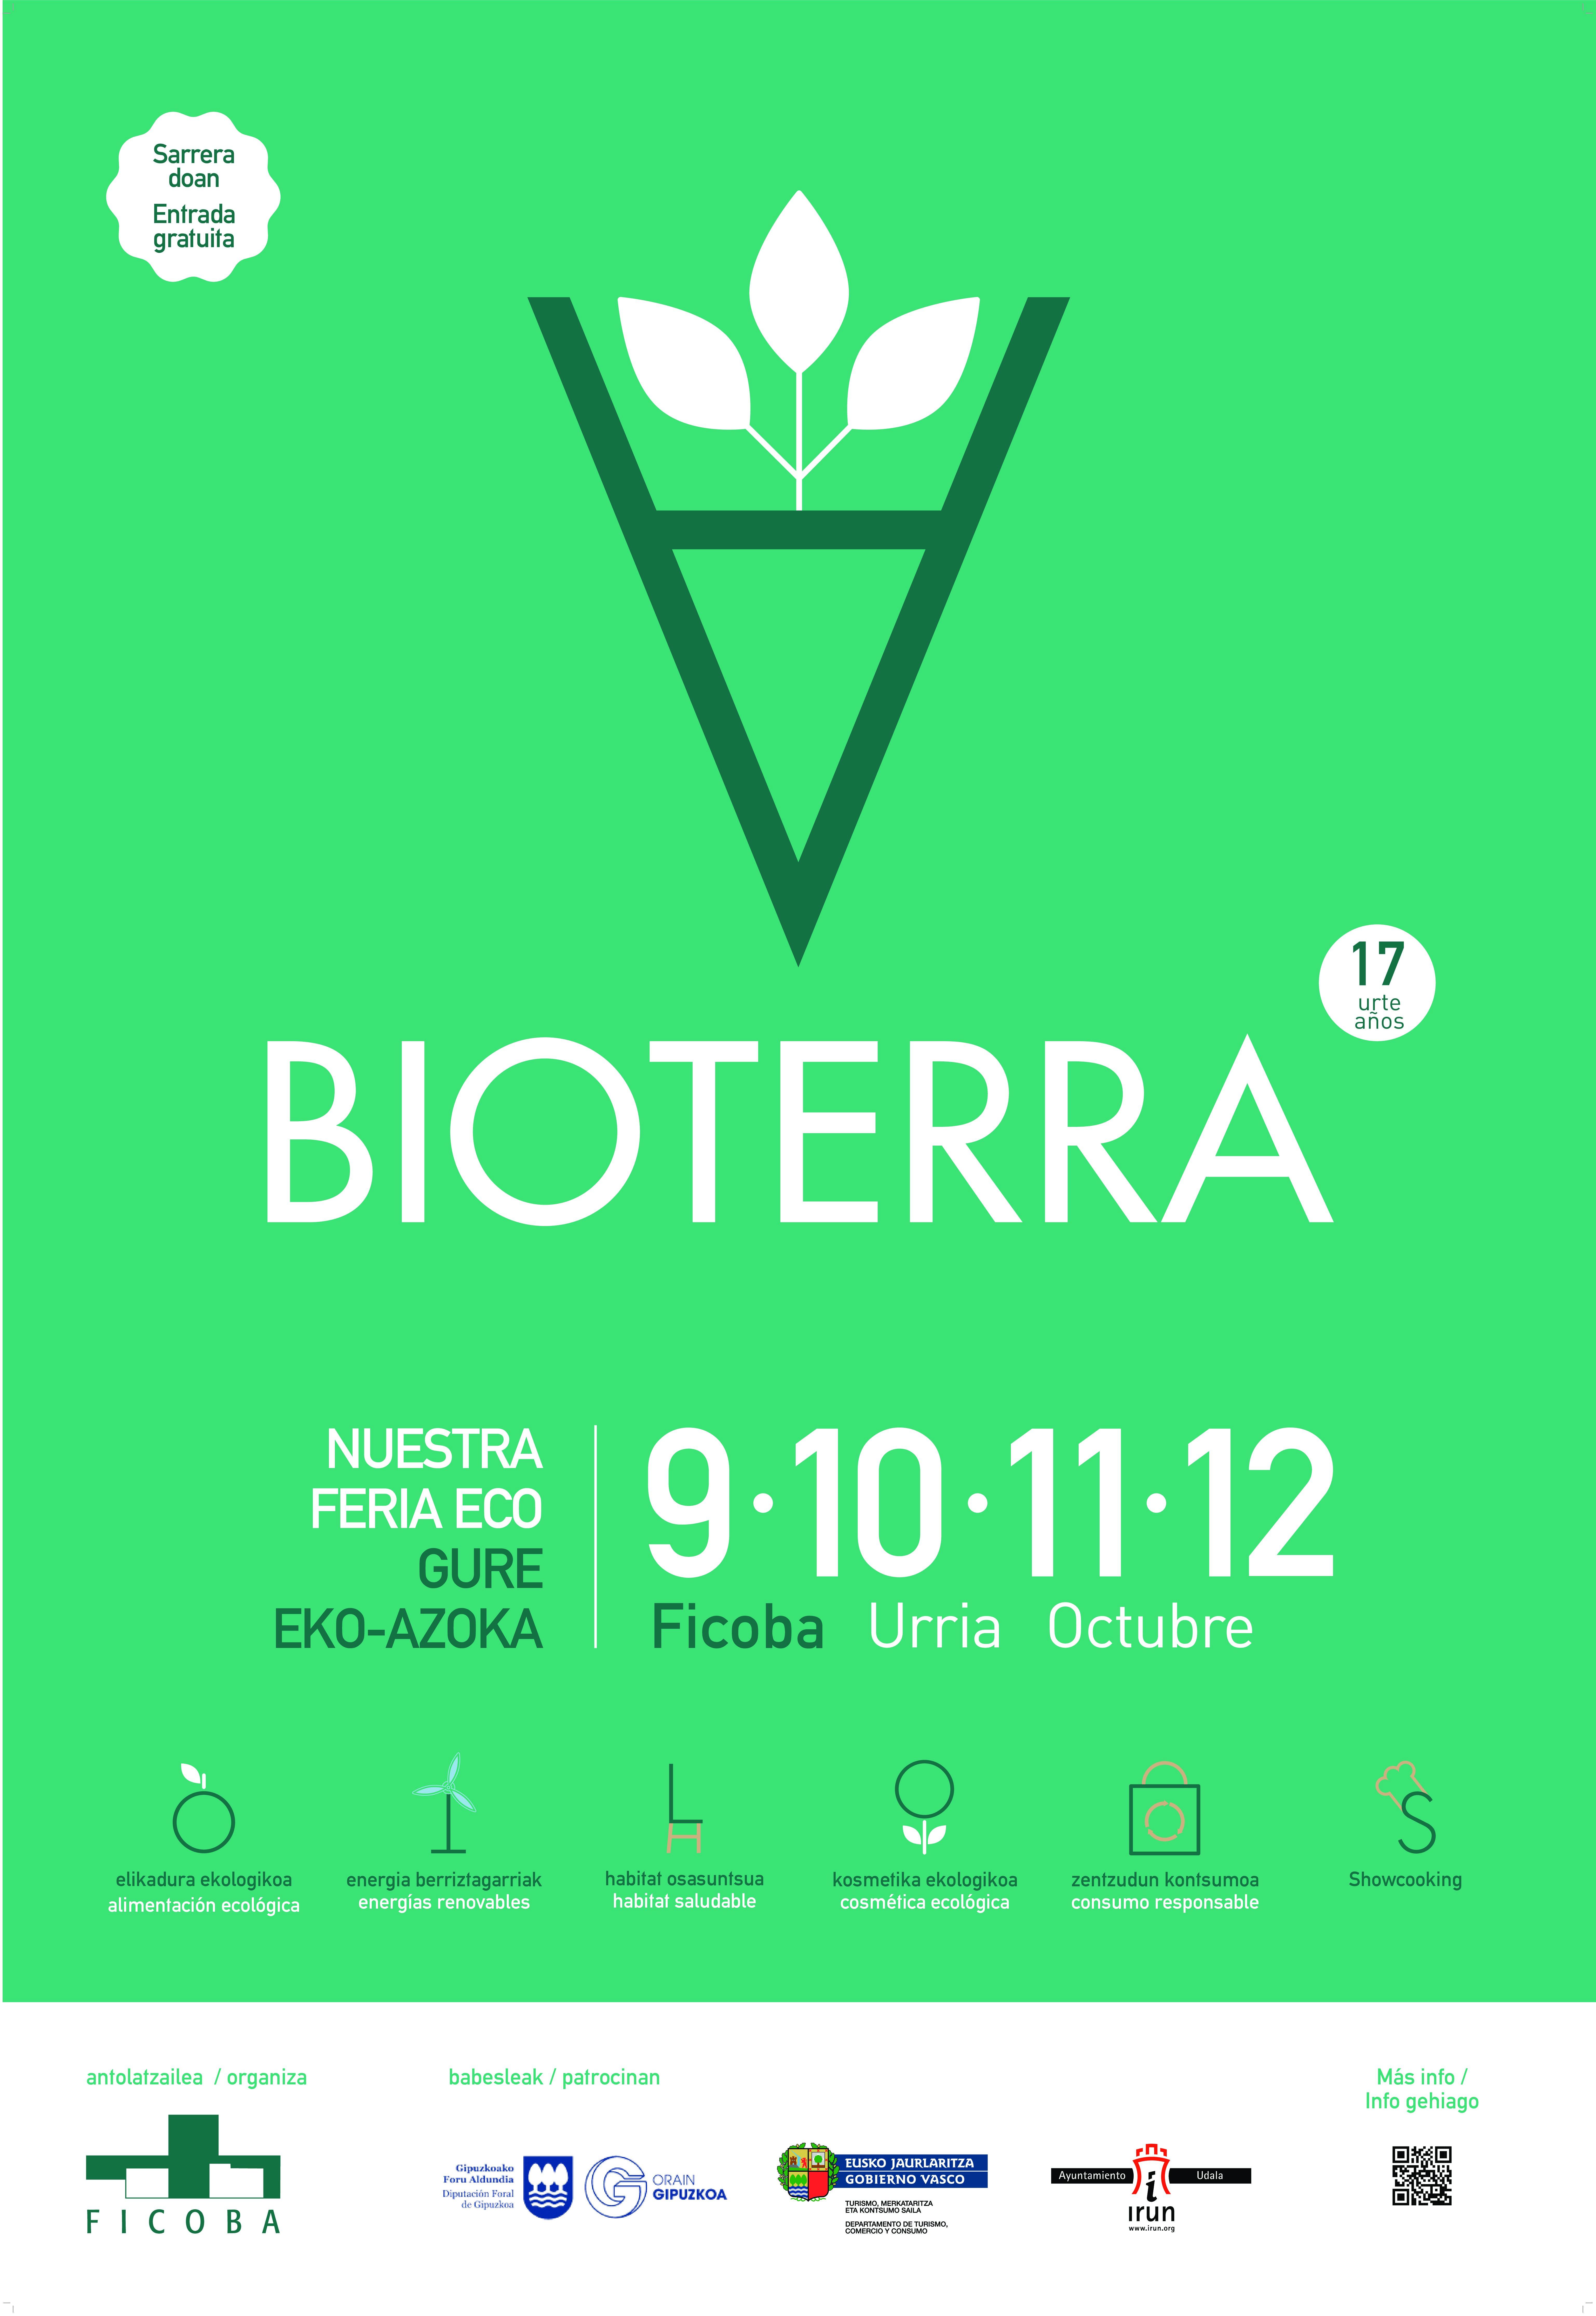 Bioterra, la feria decana de Ficoba, celebra su 17 edición